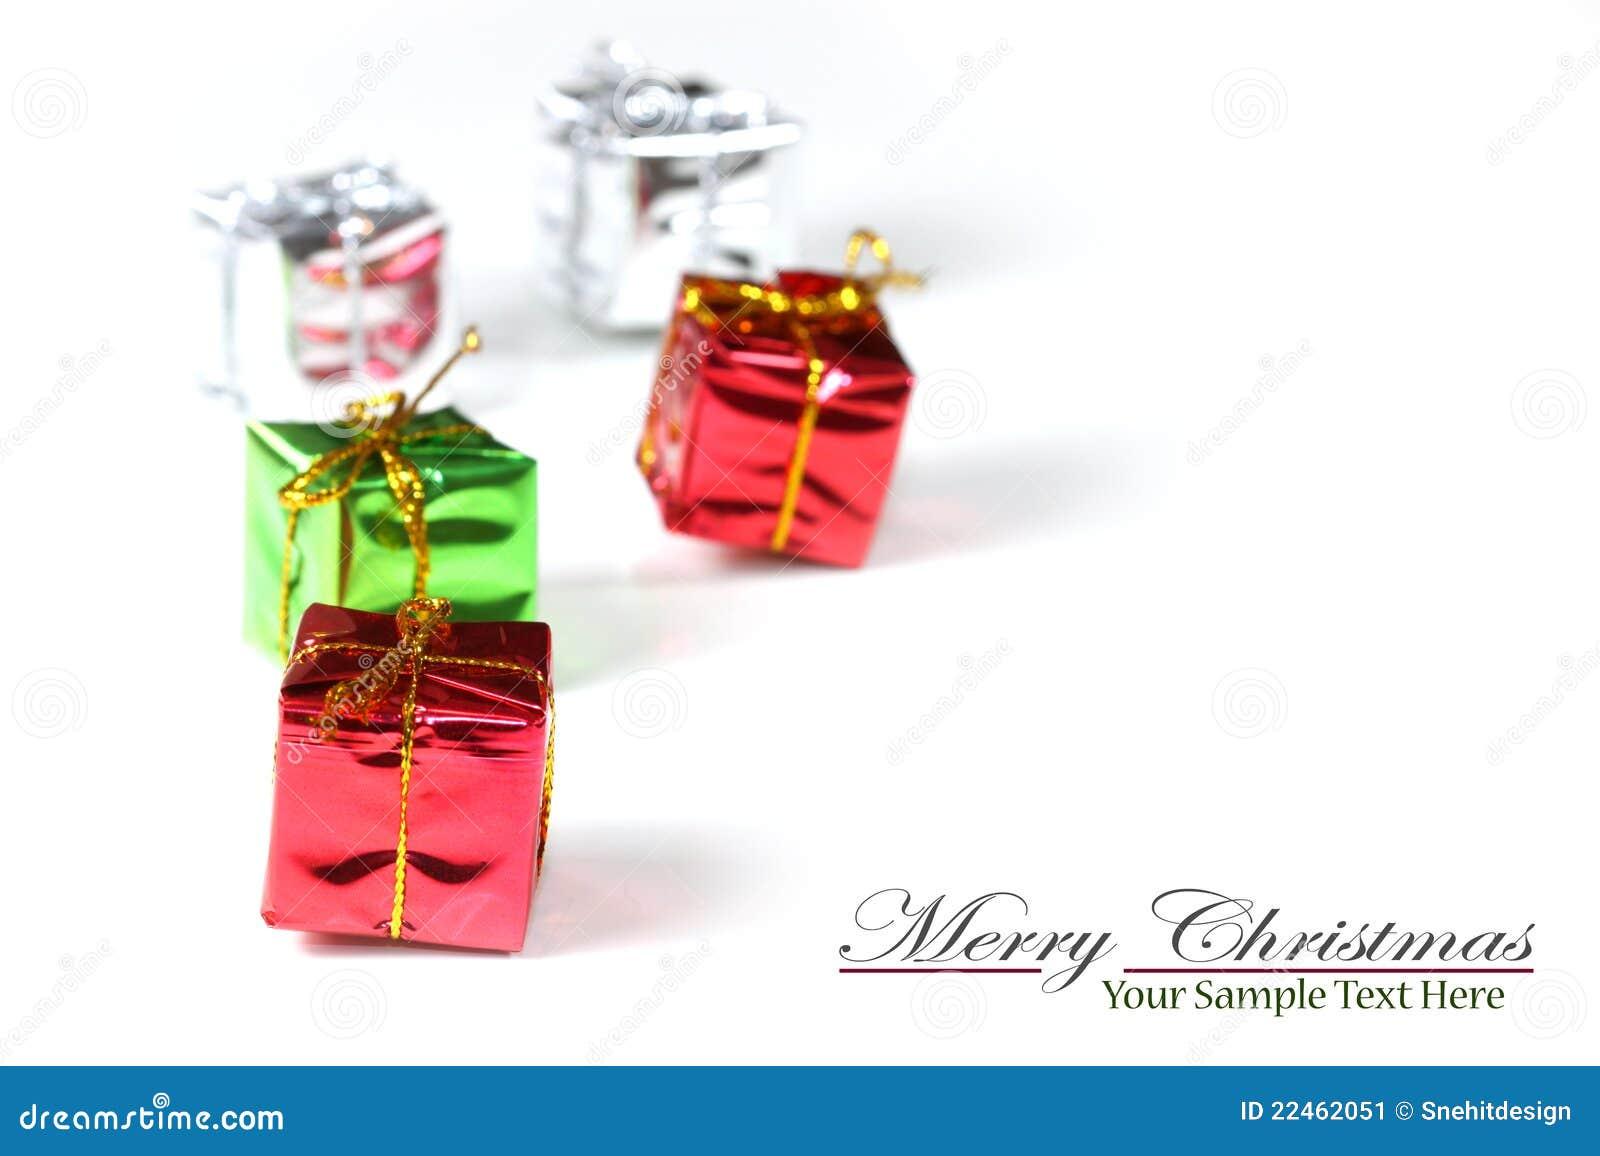 Tiny christmas gifts stock image. Image of small, christmas - 22462051